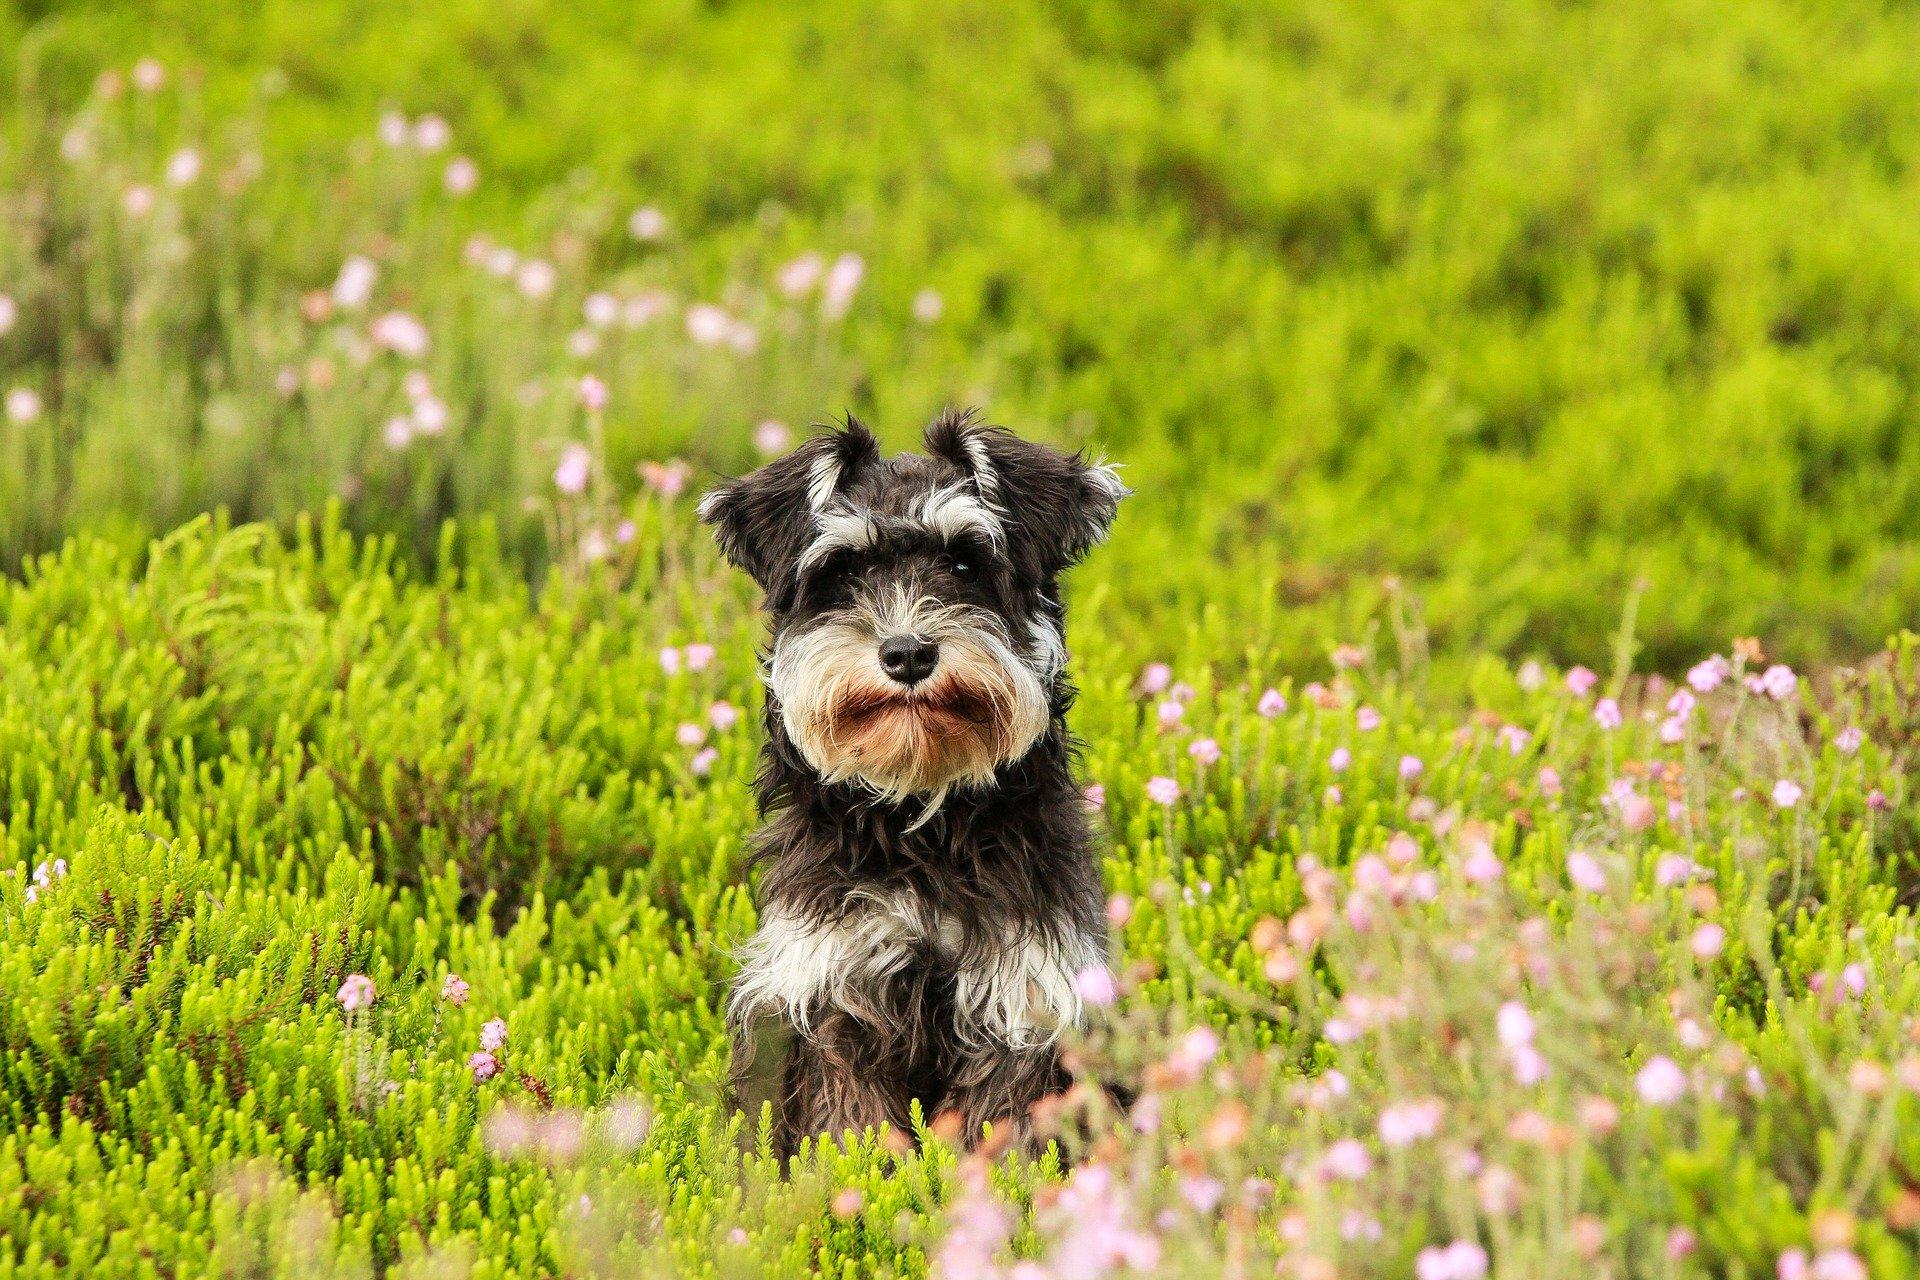 Cani che non perdono pelo, quali razze di cani sono?